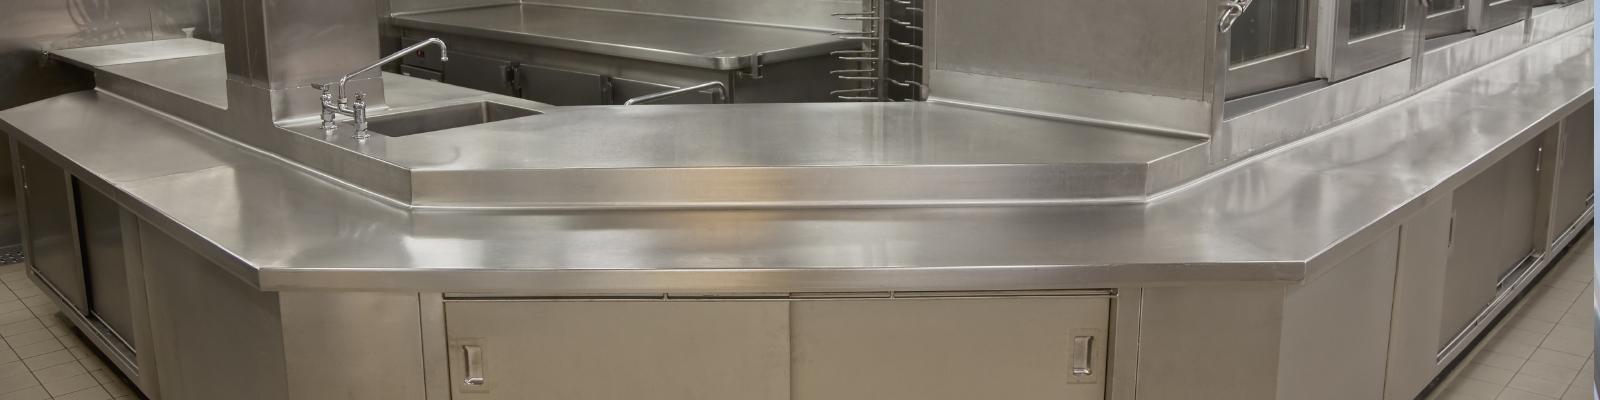 slider-stainless-kitchen